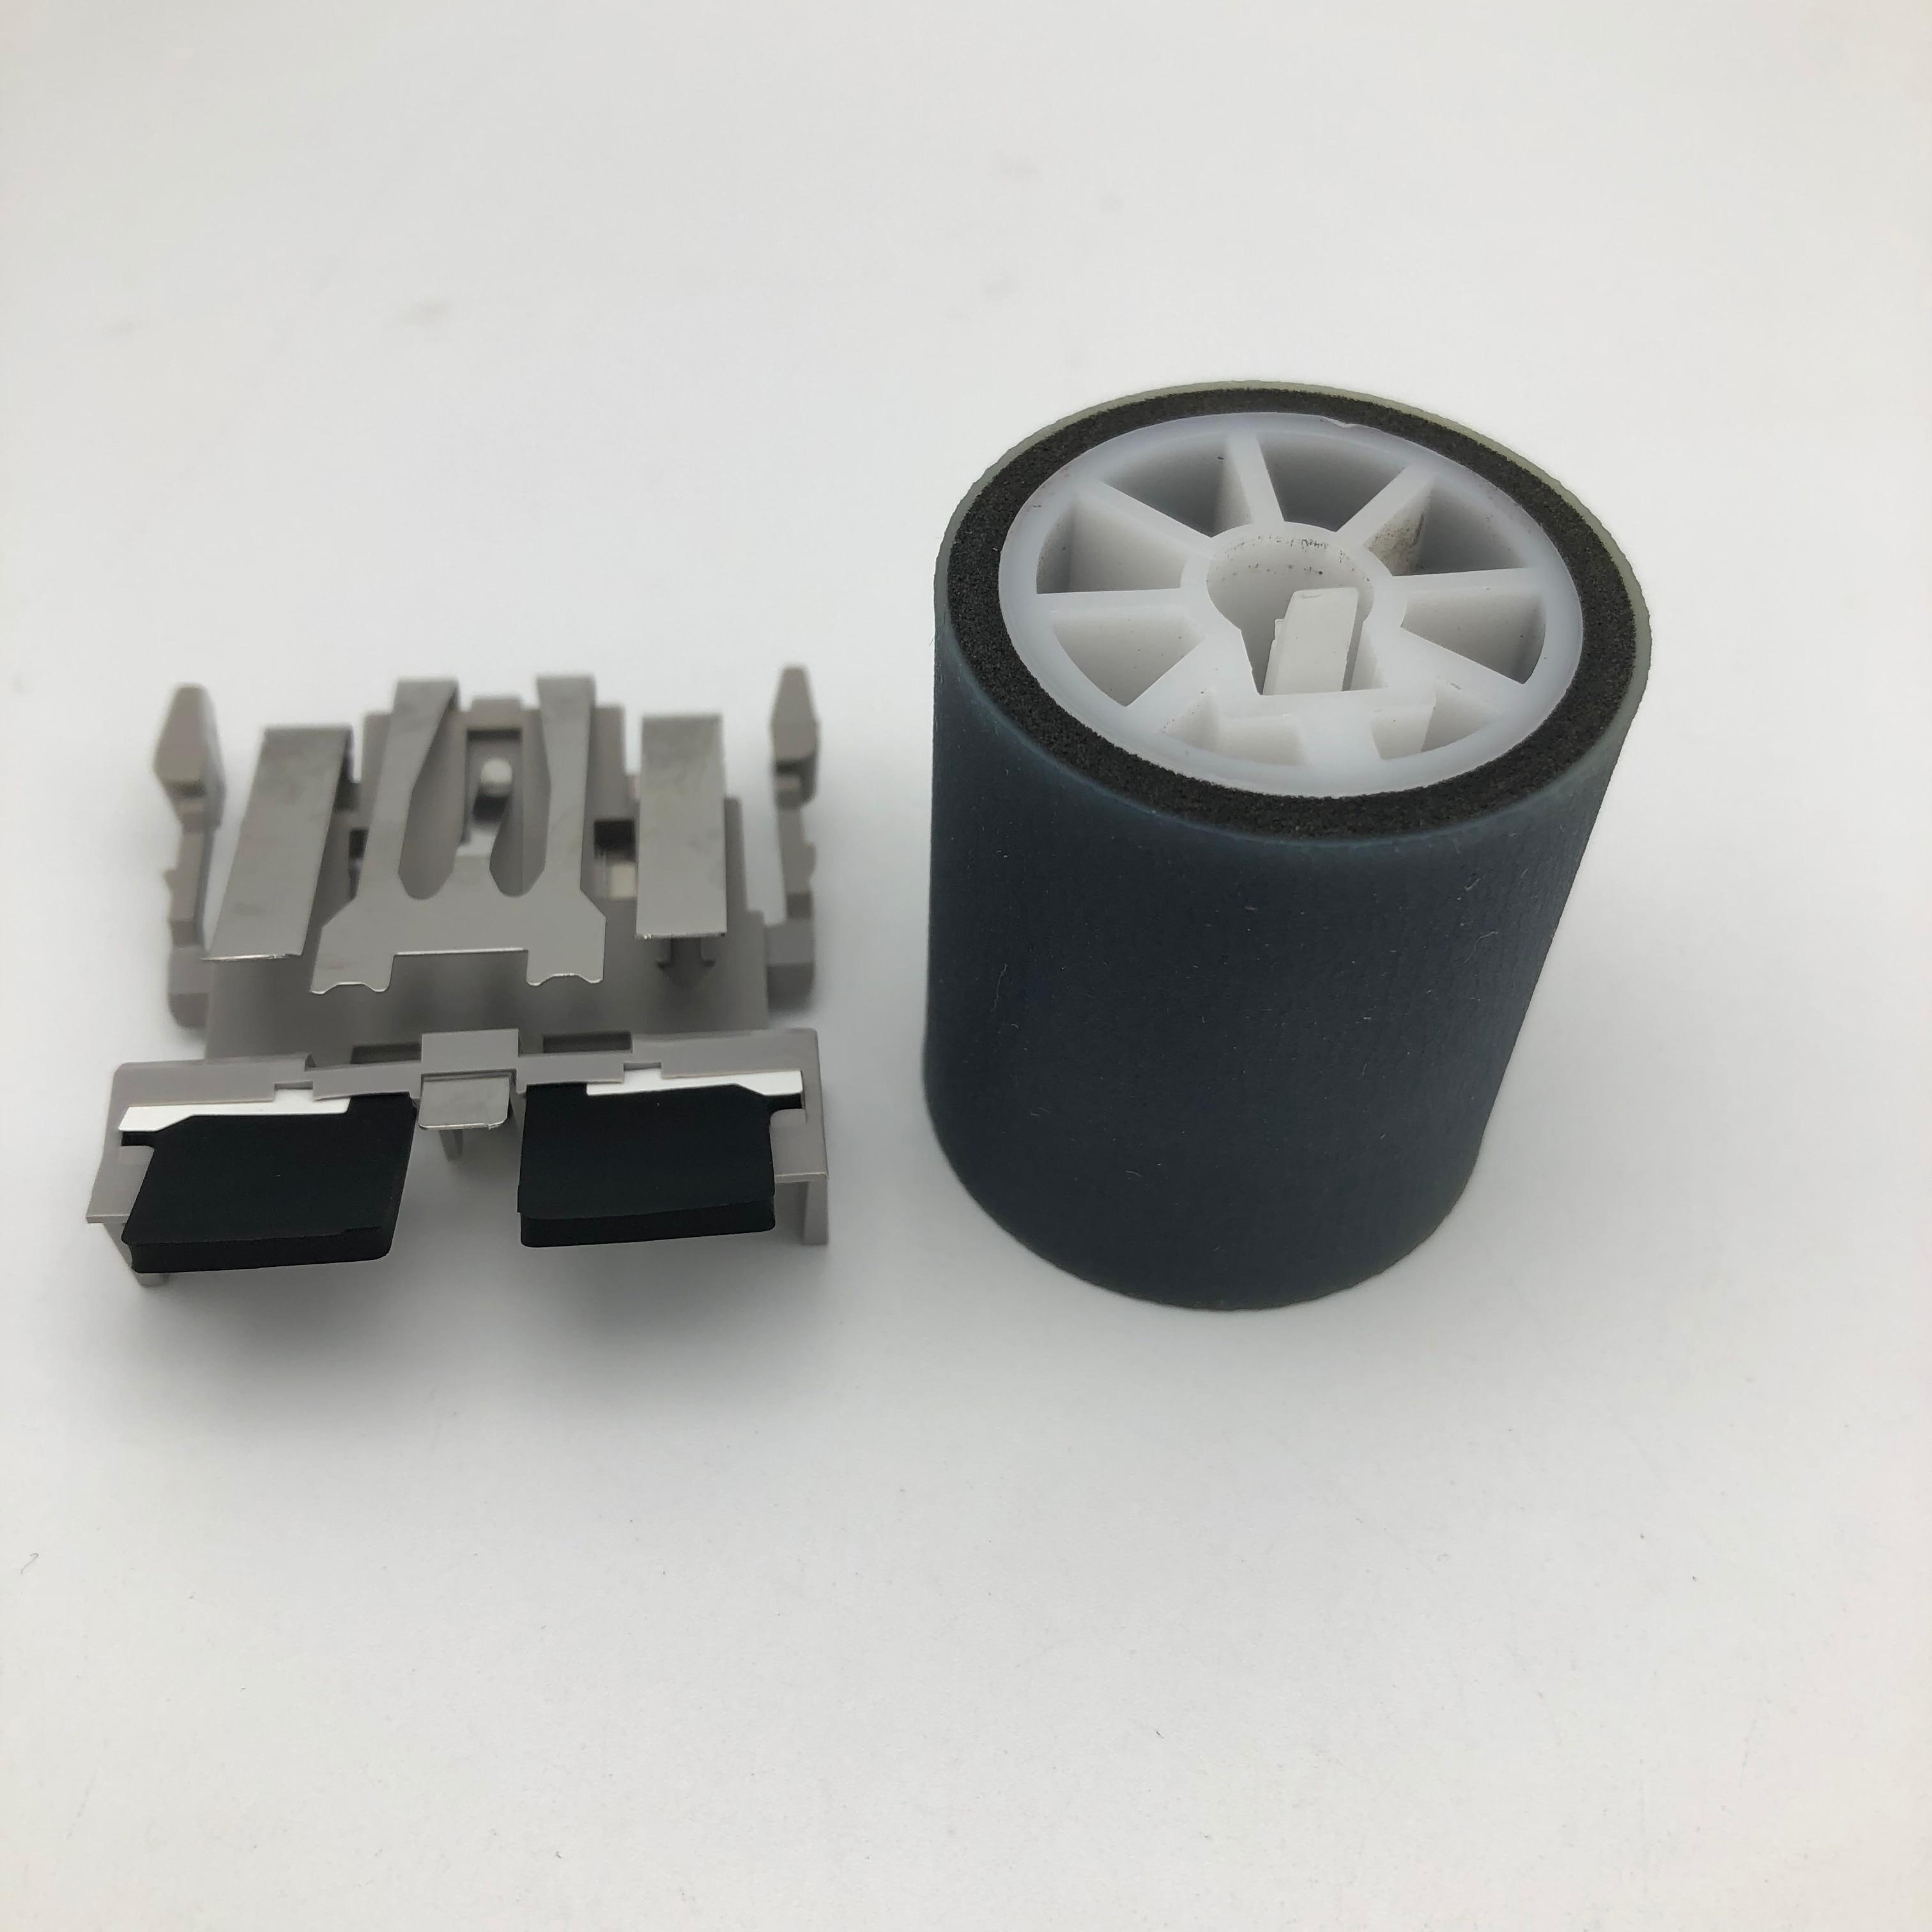 Unidad de rodillo y almohadilla de recogida einkshop para Fujitsu 5110EOX 5110EOX2 5110EOXM fi-5110C S510 S500 S510 PA03360-0002 PA03289-0111